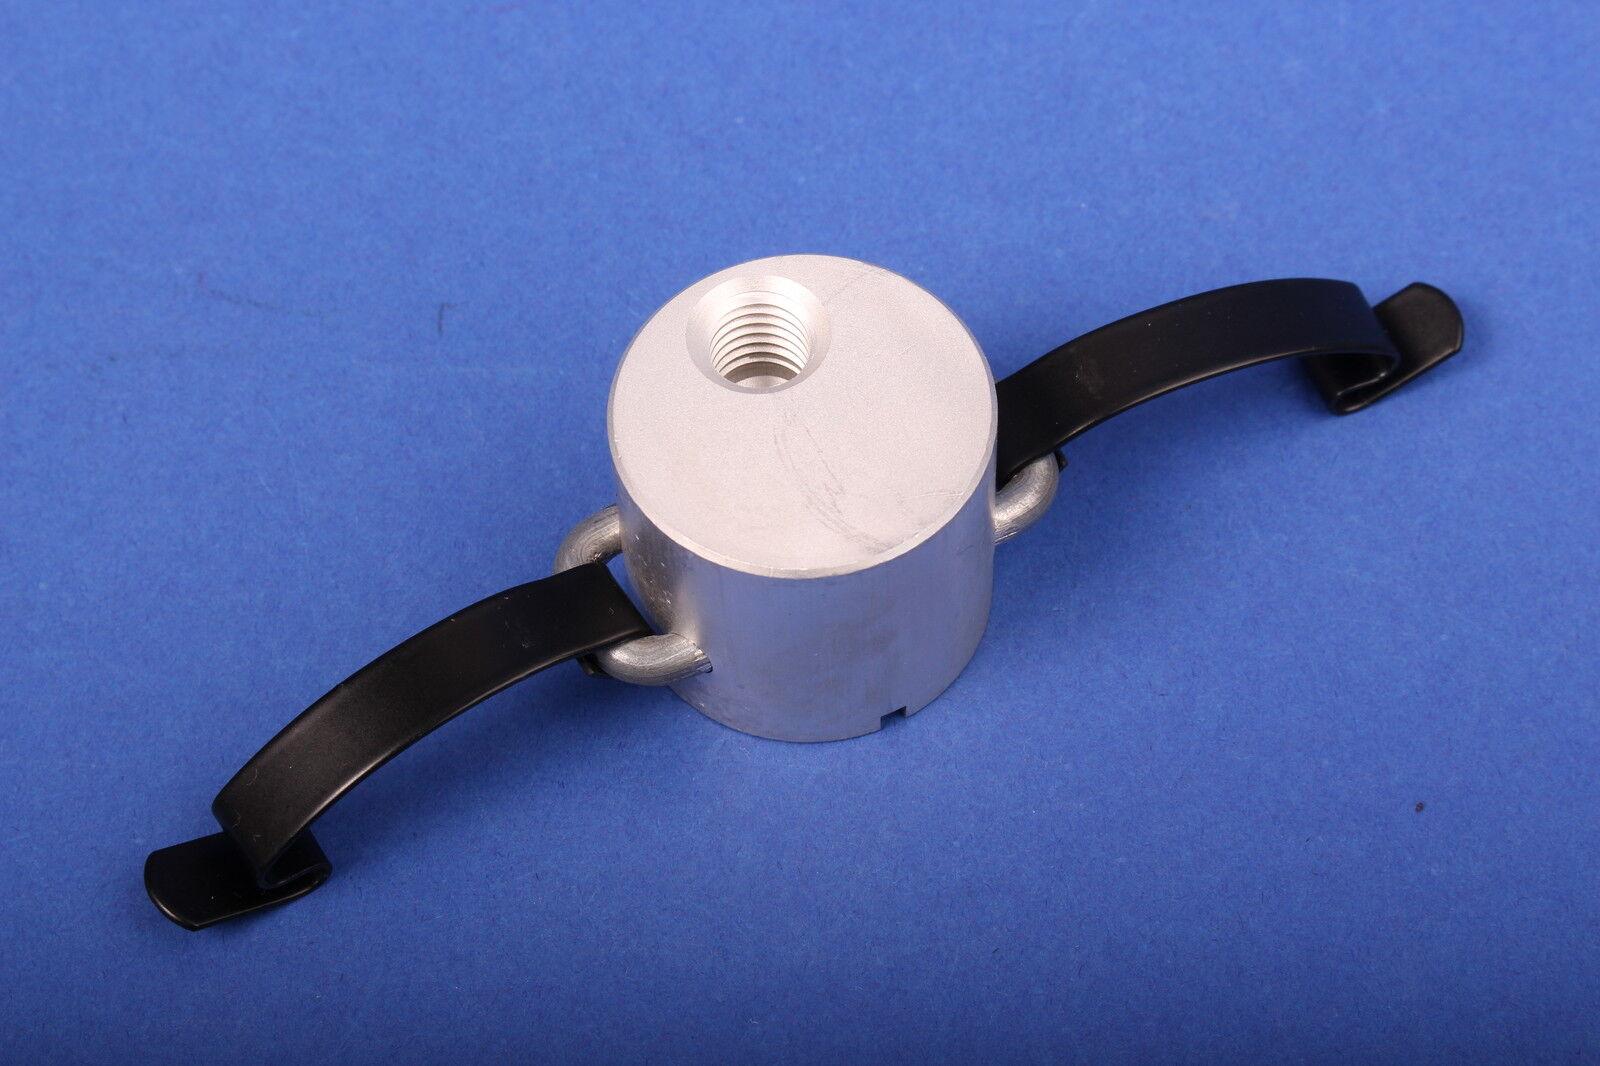 Messkopf Alu für Wöhler RP 72 RP72 Rußprüfer Rußzahl Rußpumpe Ersatzteile